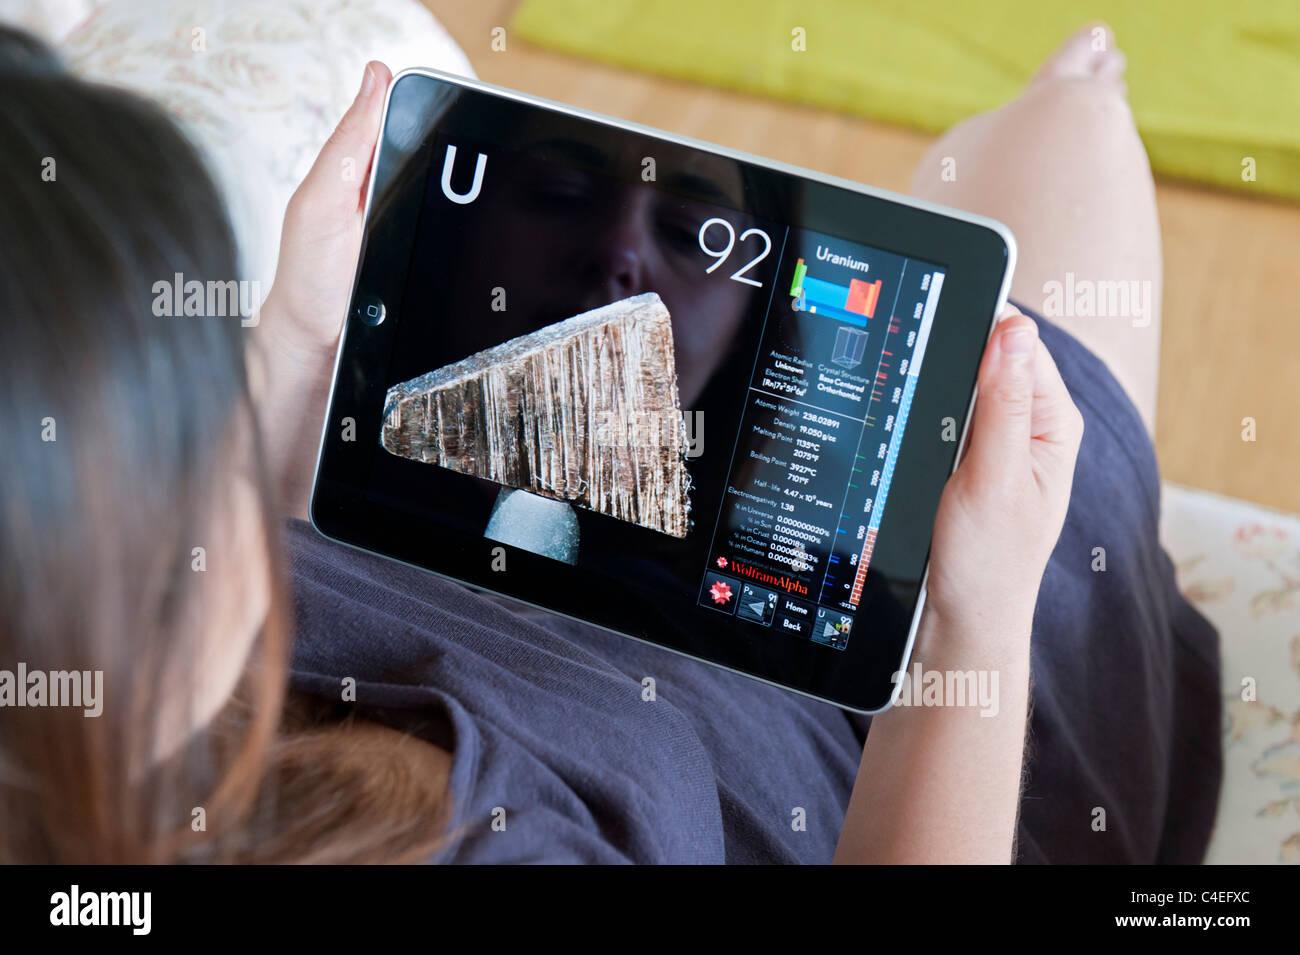 Mujer con una app de ciencia interactivo de la tabla peridica de mujer con una app de ciencia interactivo de la tabla peridica de los elementos en un ipad tableta digital urtaz Image collections